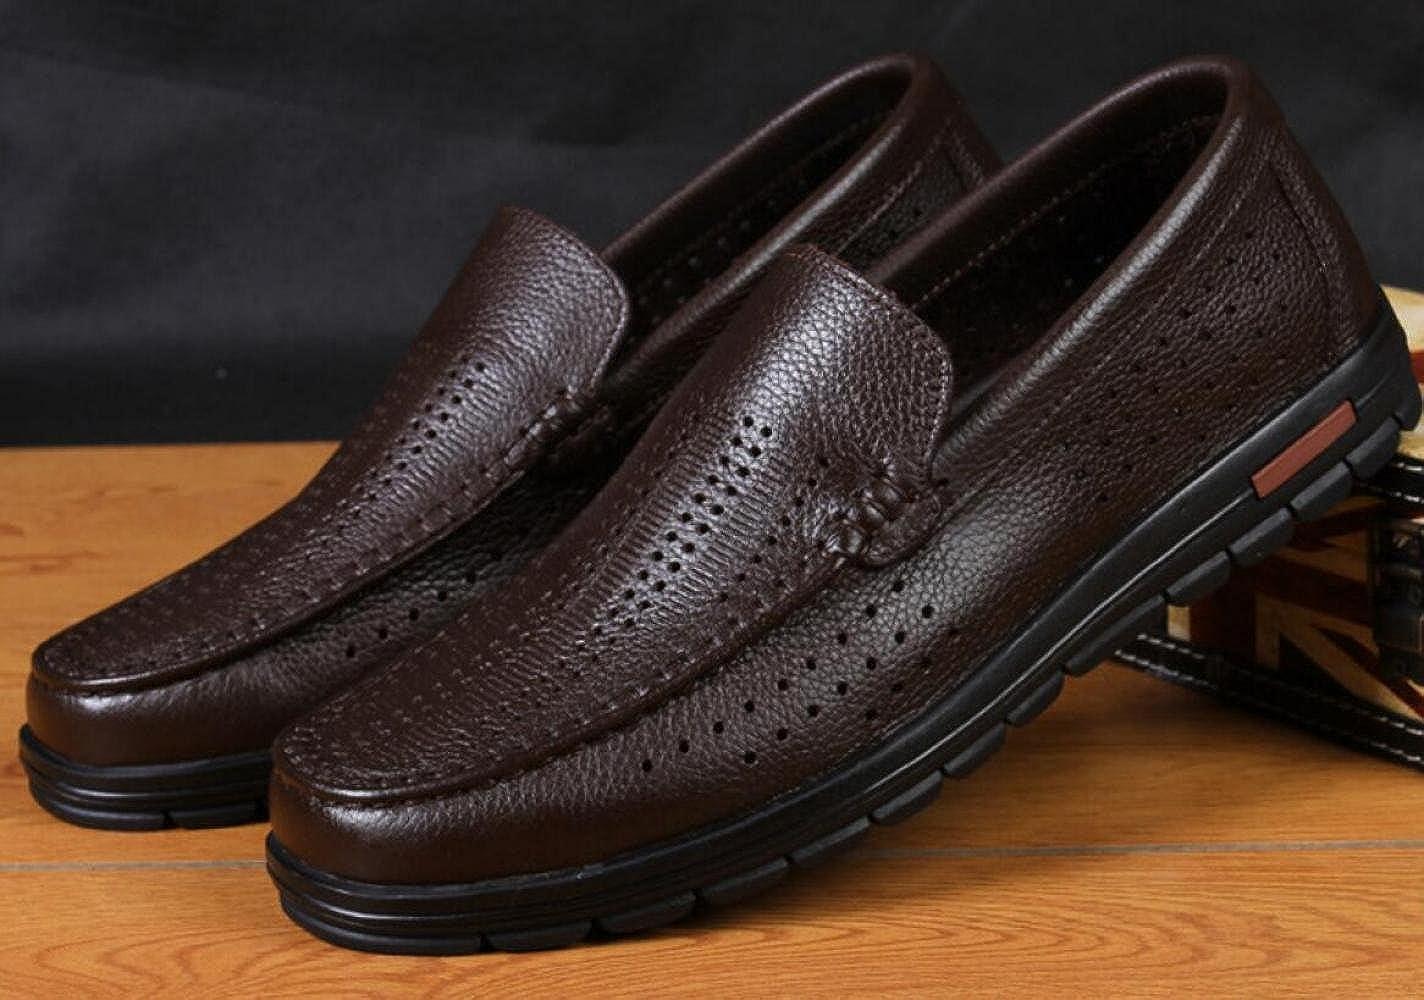 Männer Sommer ältere Einzelne Schuhe Lederschuhe Einzelne ältere Schuhe Braun1 f166f0